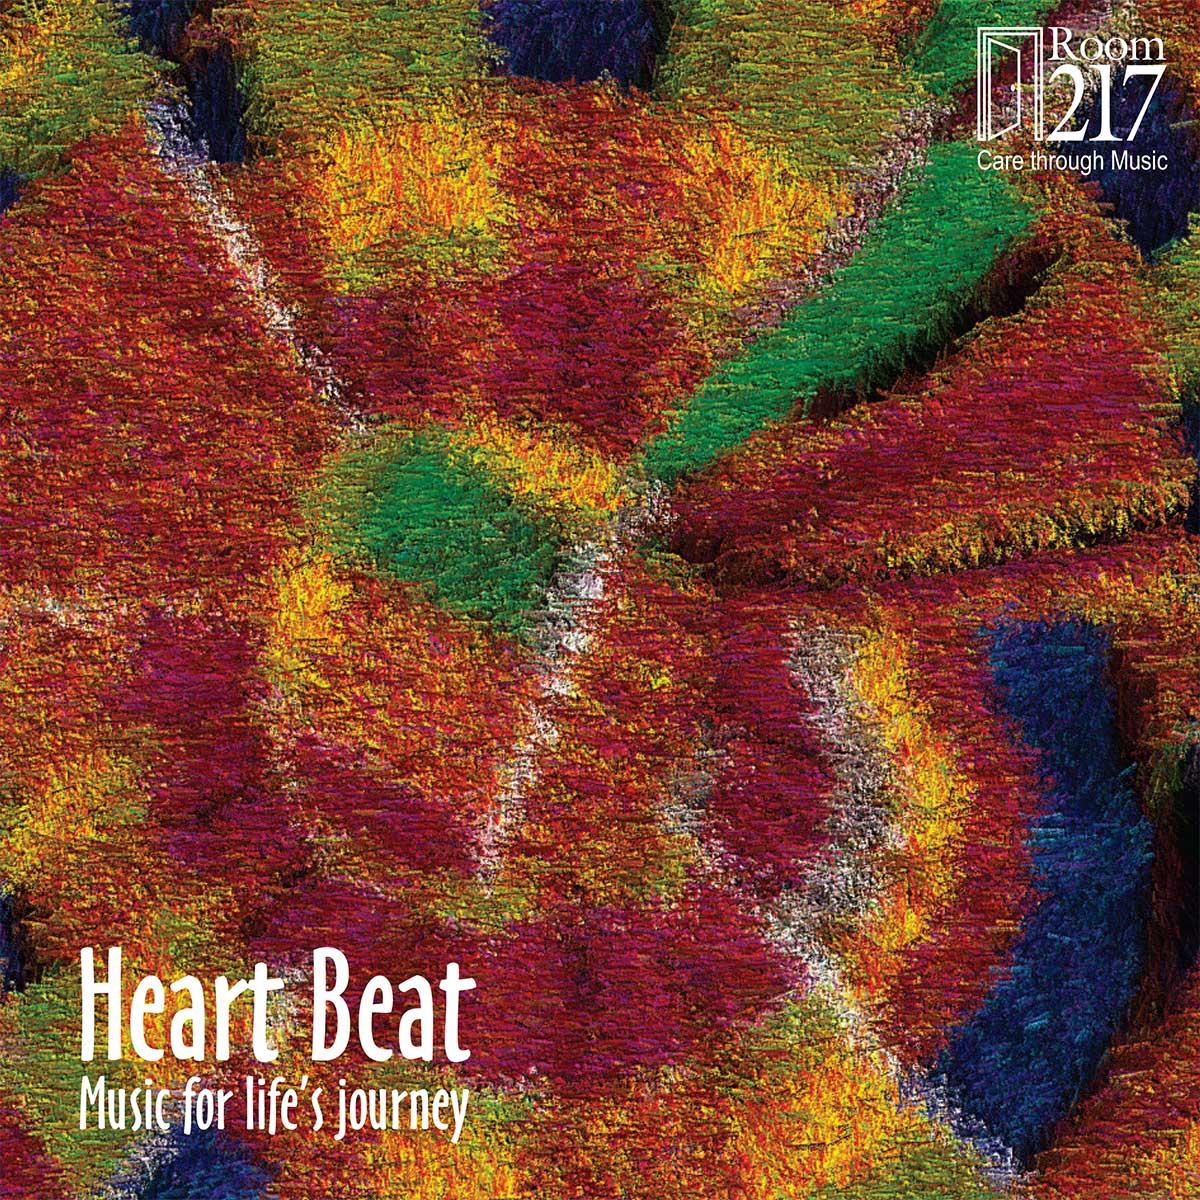 Room 217 – Heart Beat - Album art